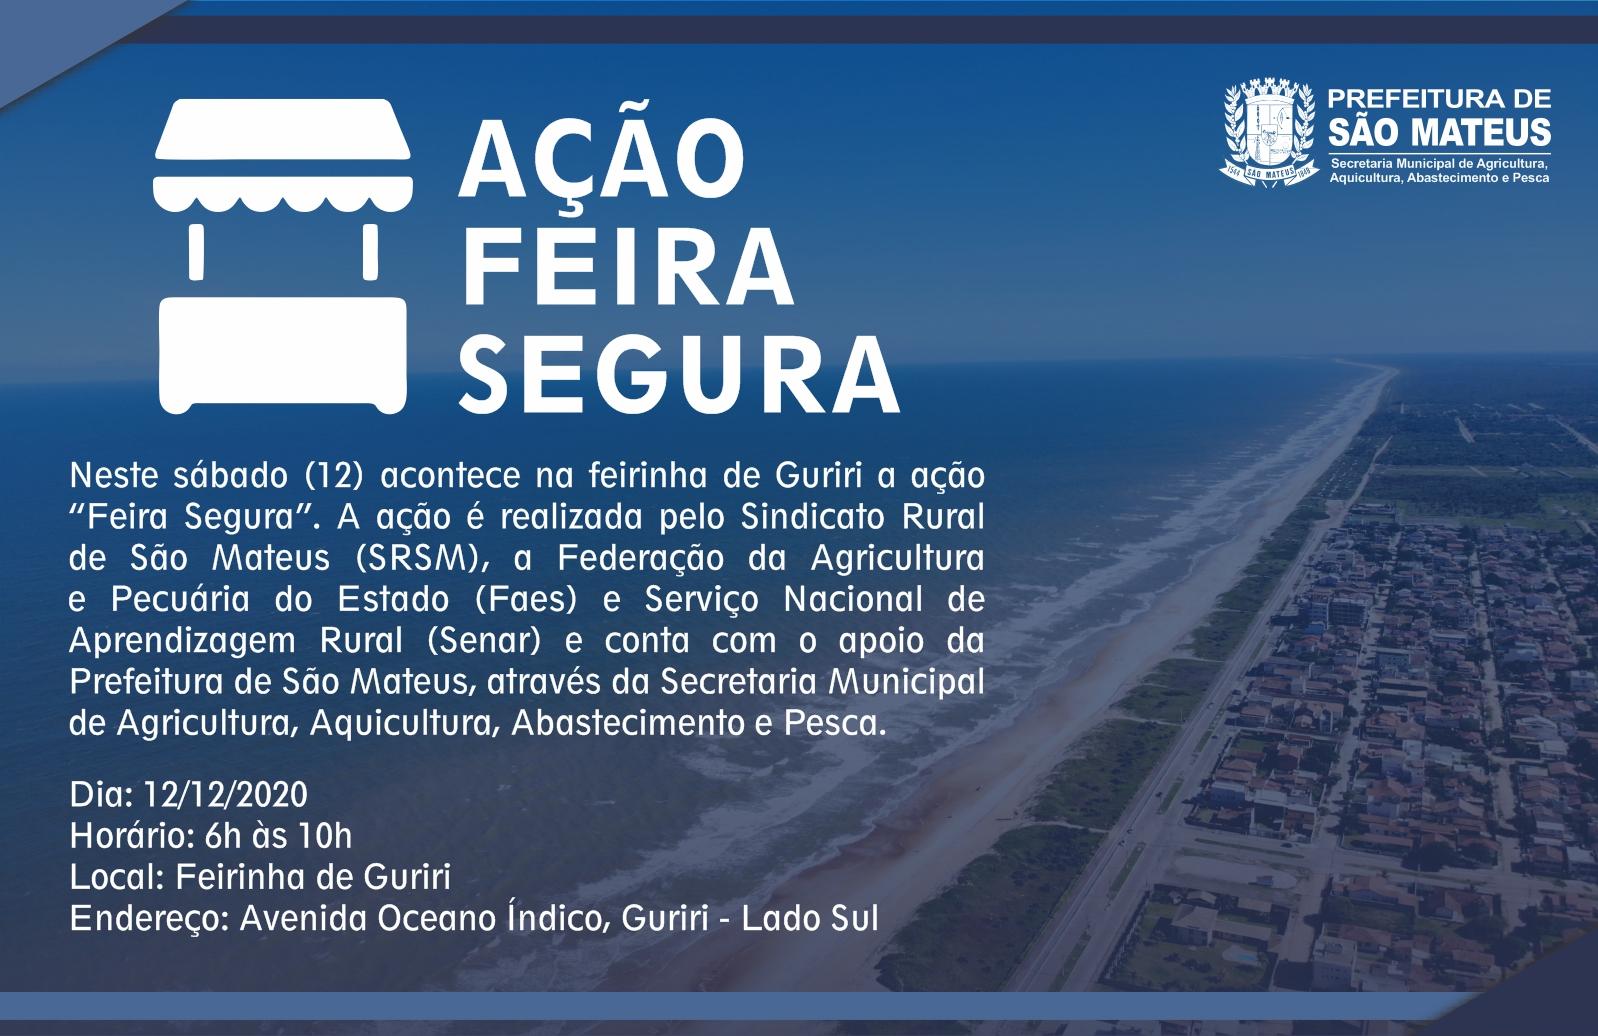 """SECRETARIA DE AGRICULTURA PROMOVE """"FEIRA SEGURA"""" NESTE SÁBADO EM GURIRI"""